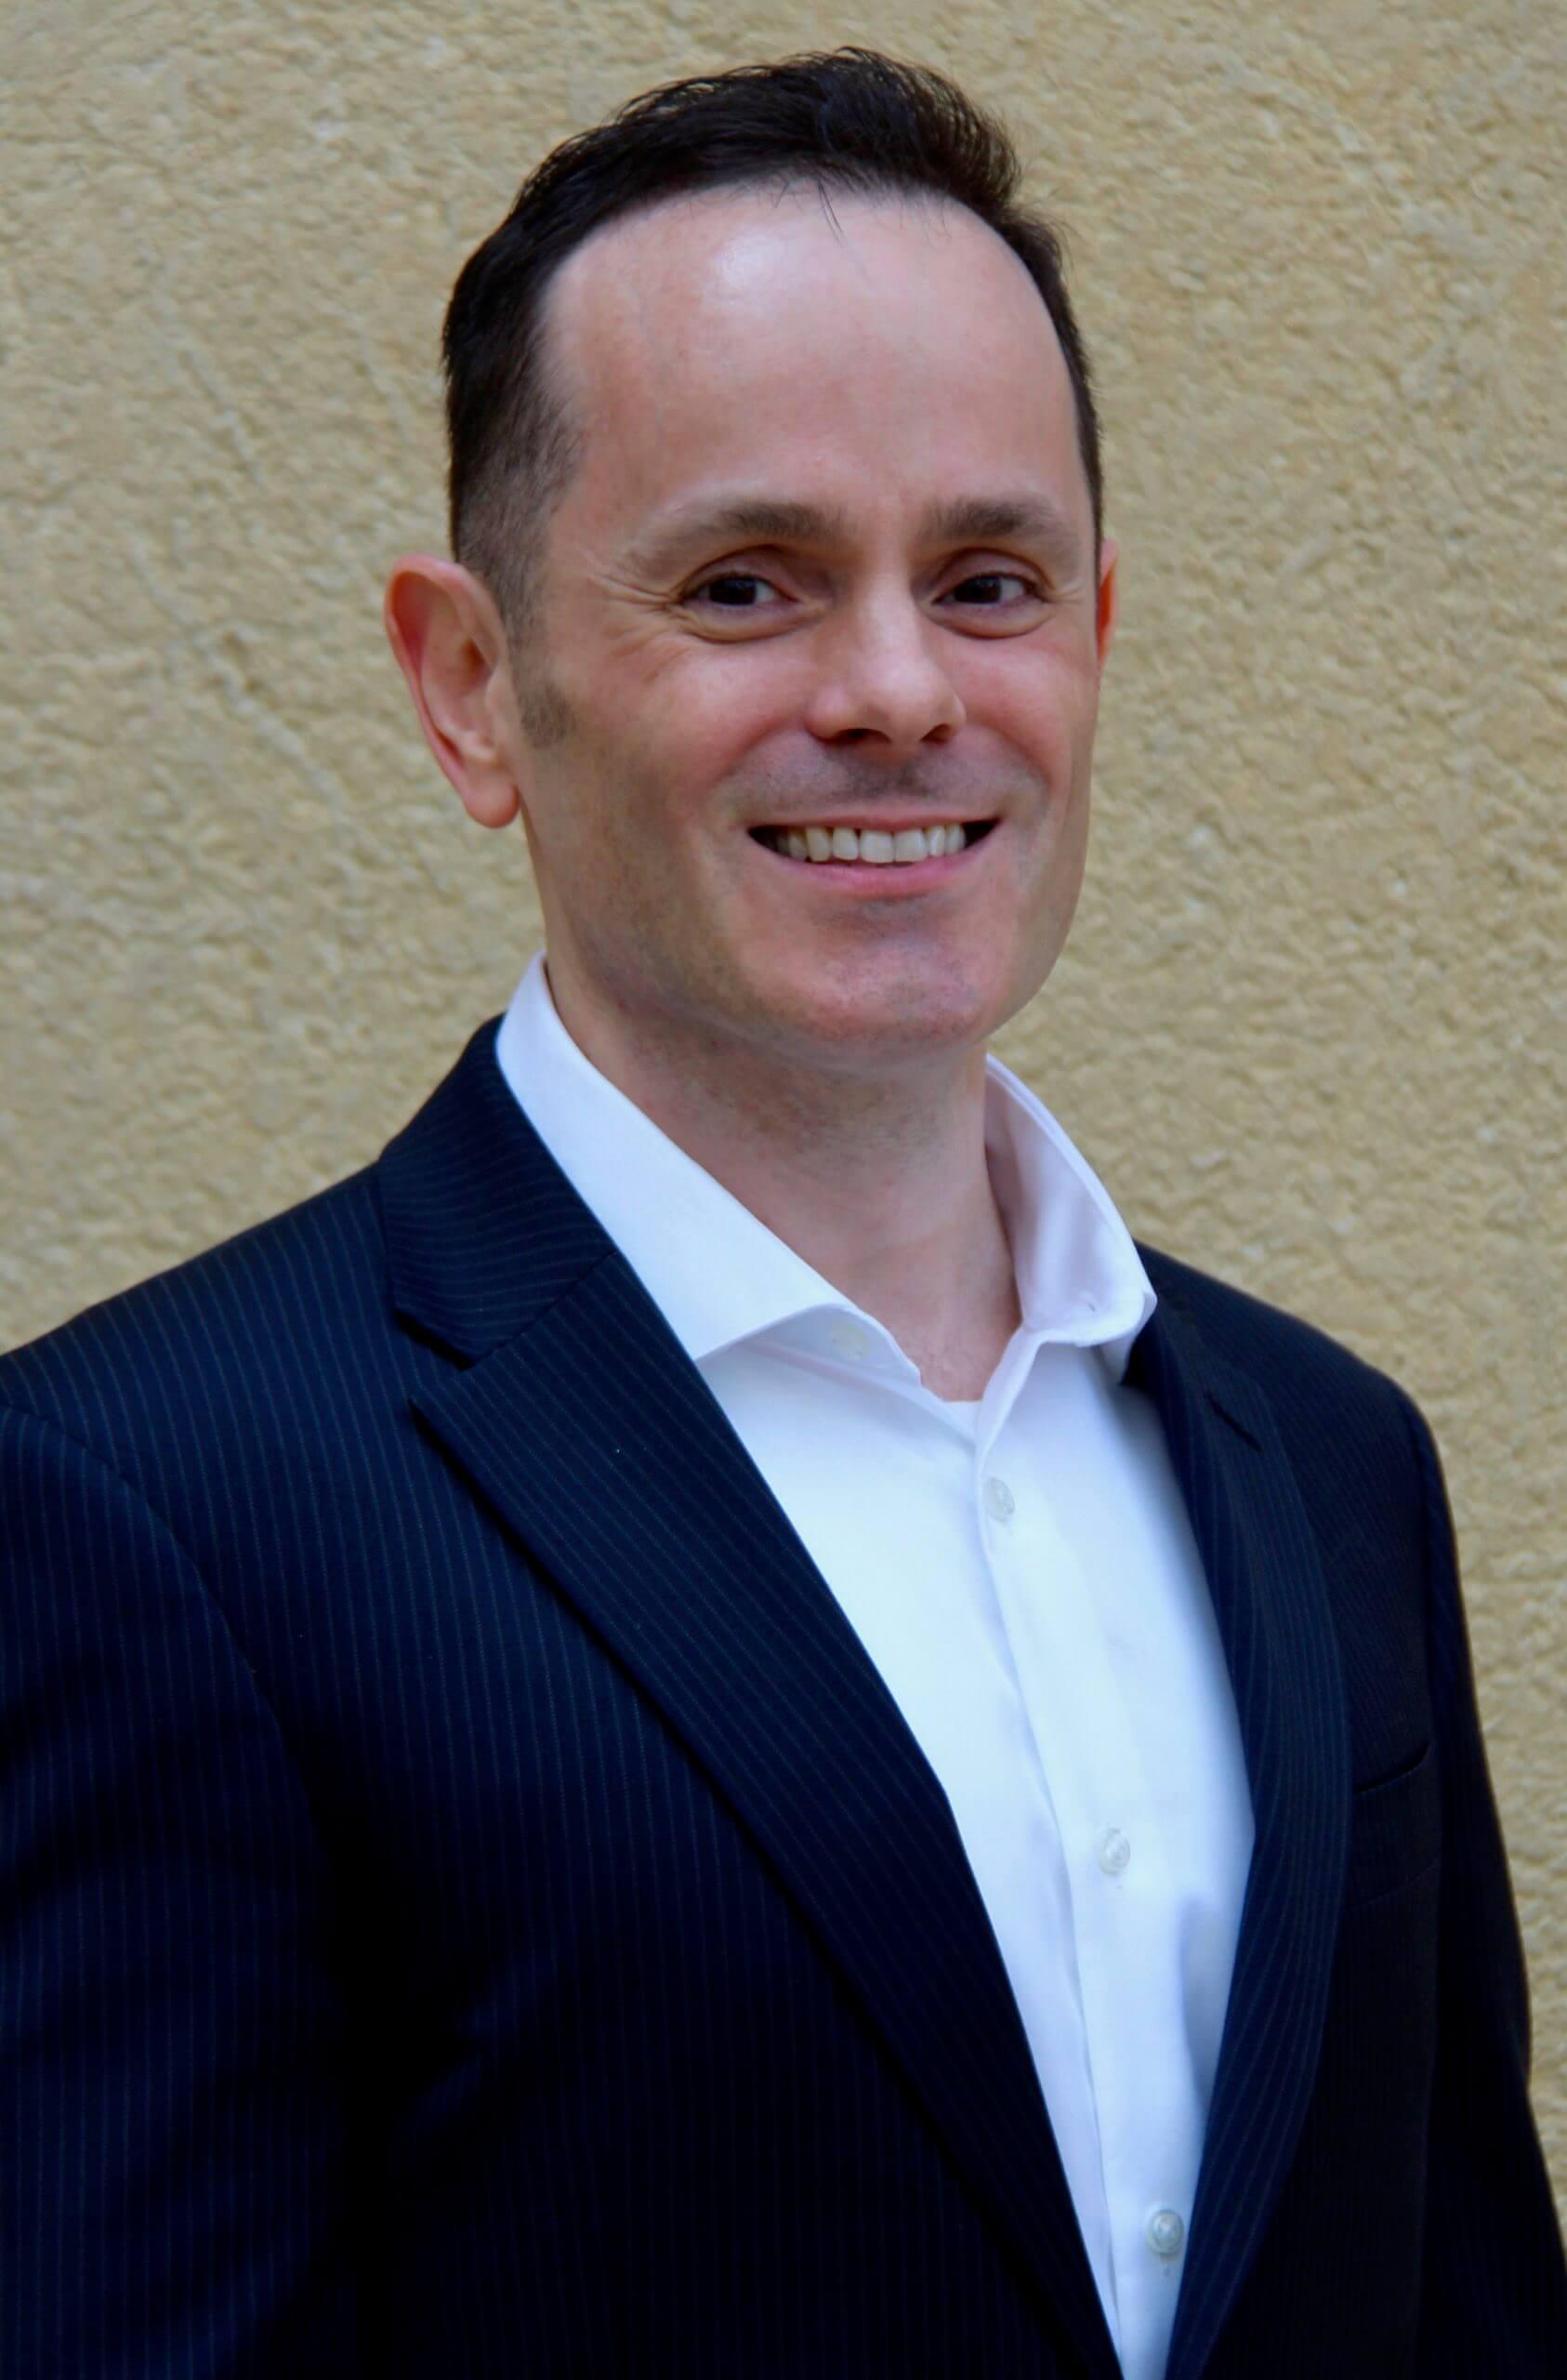 Scott Kumer - Director of Music